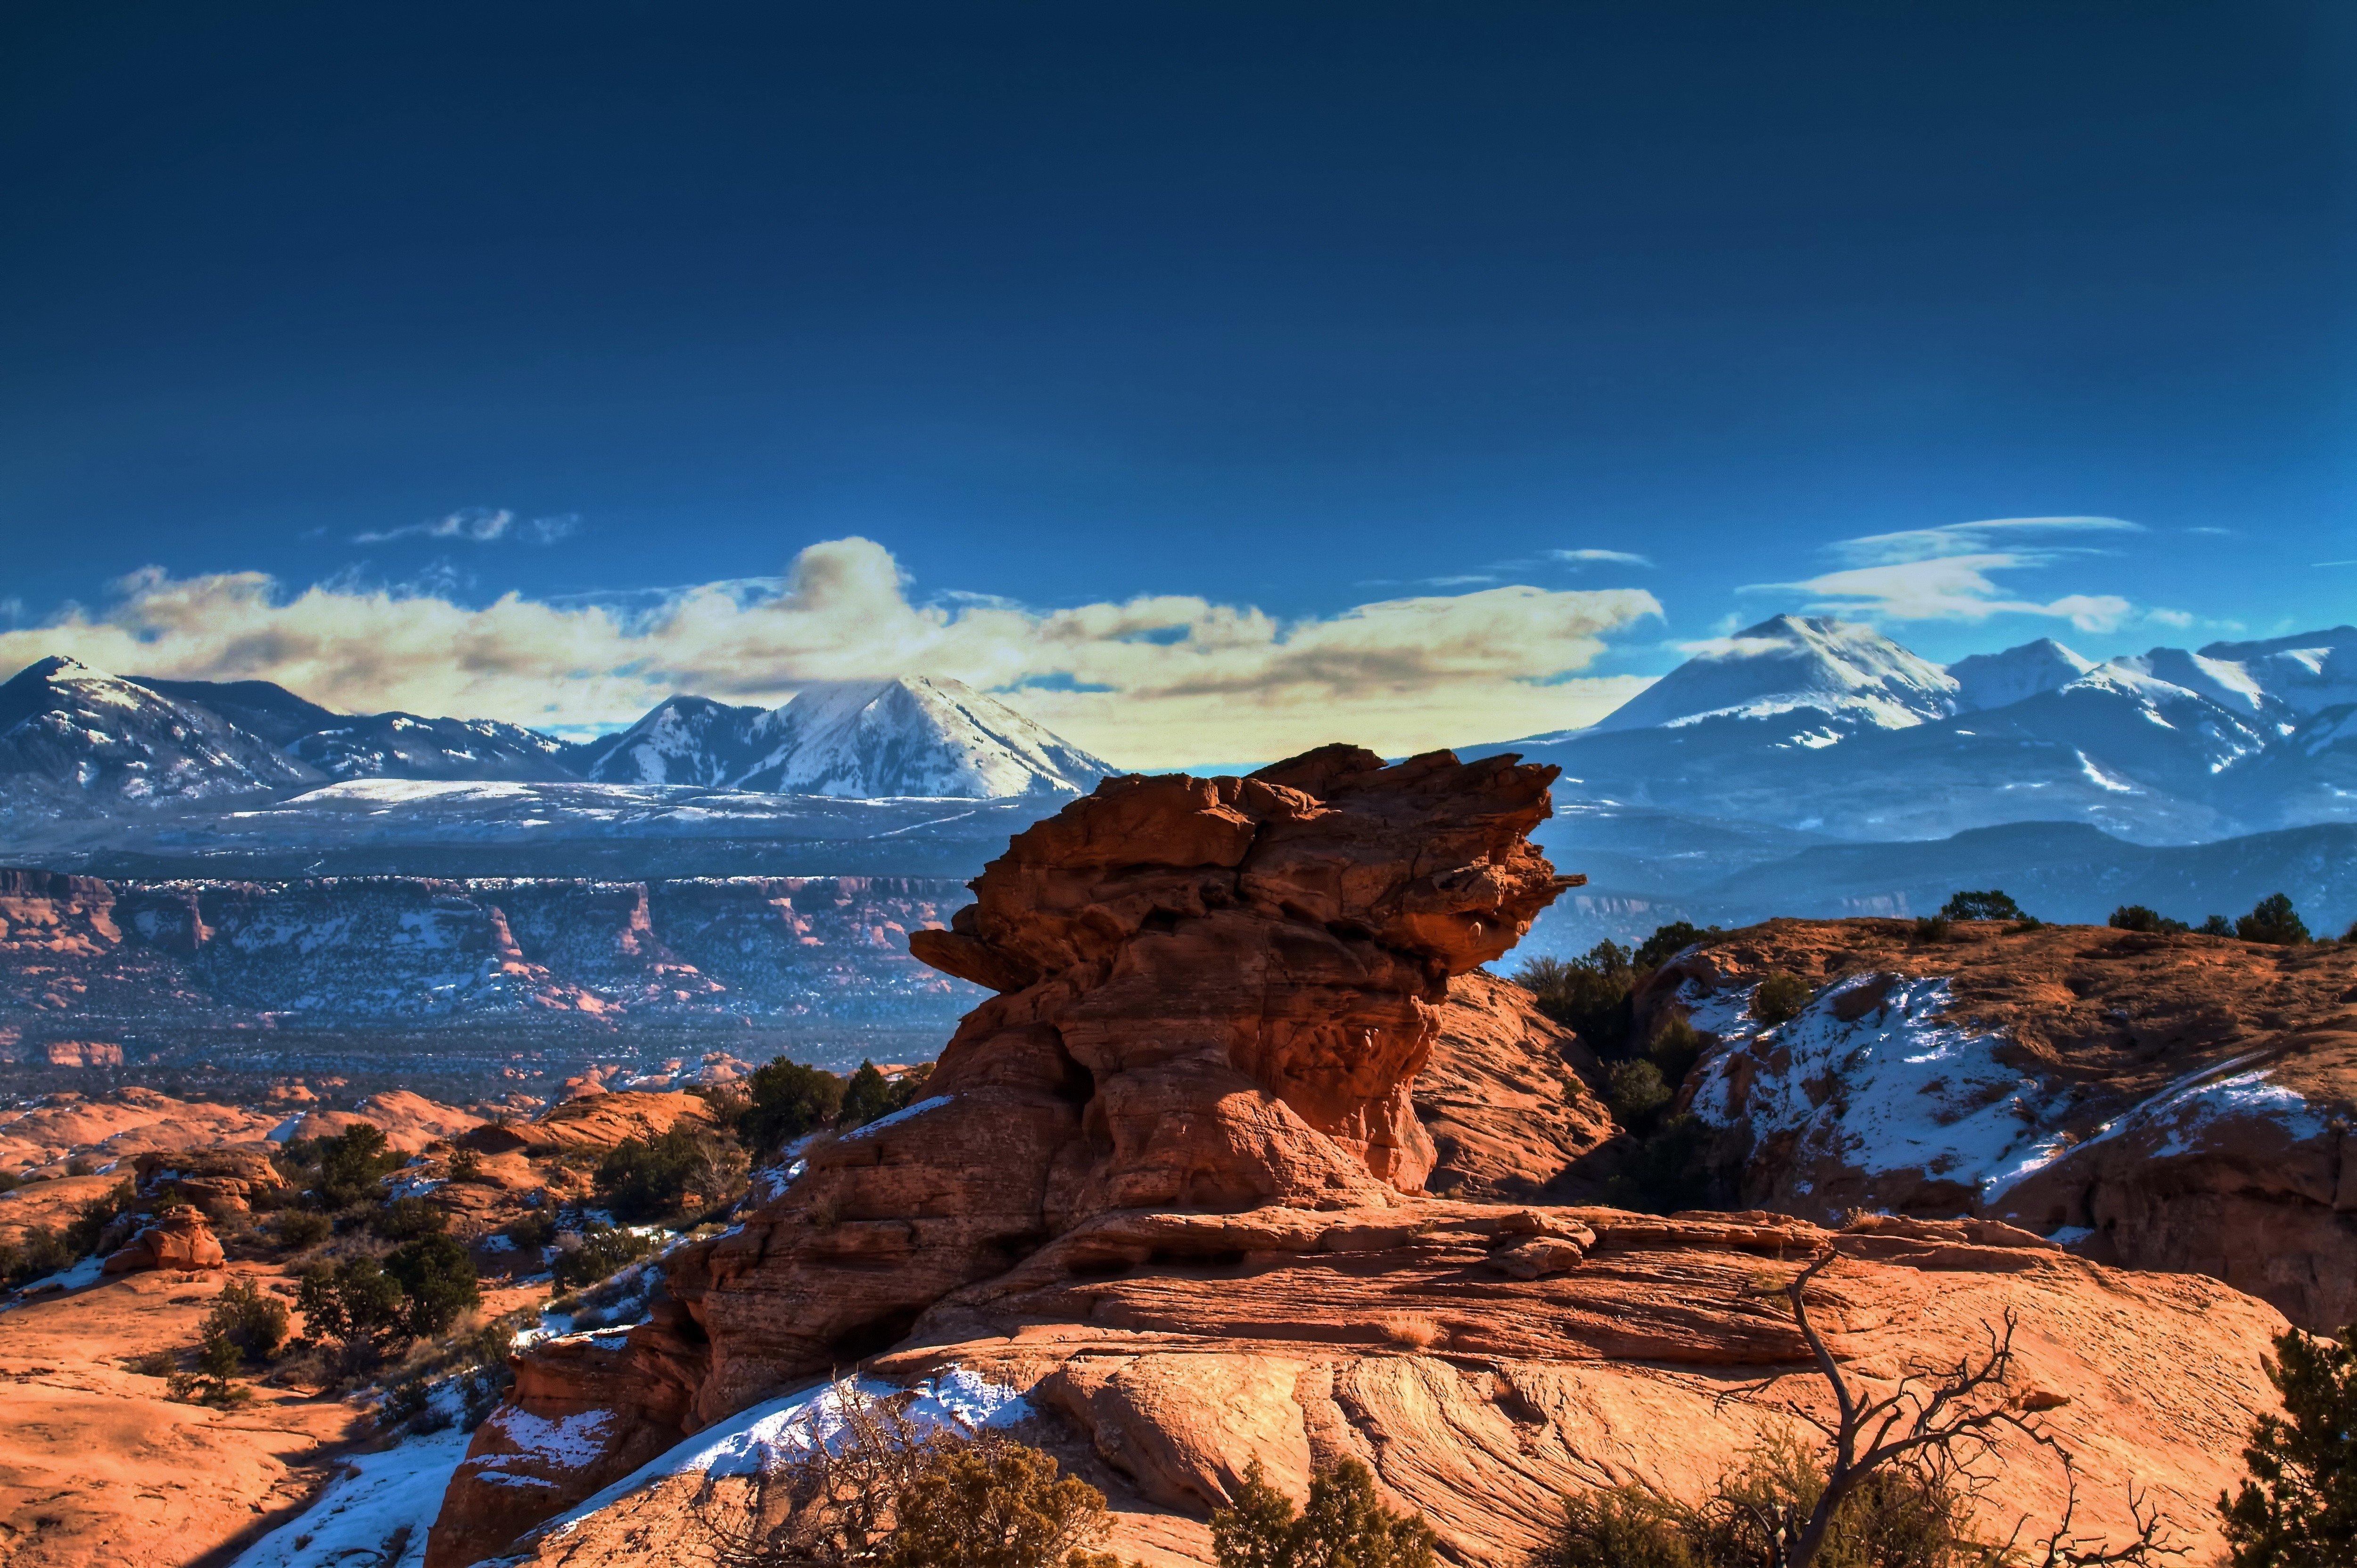 landscape, Mountains, Nature Wallpaper